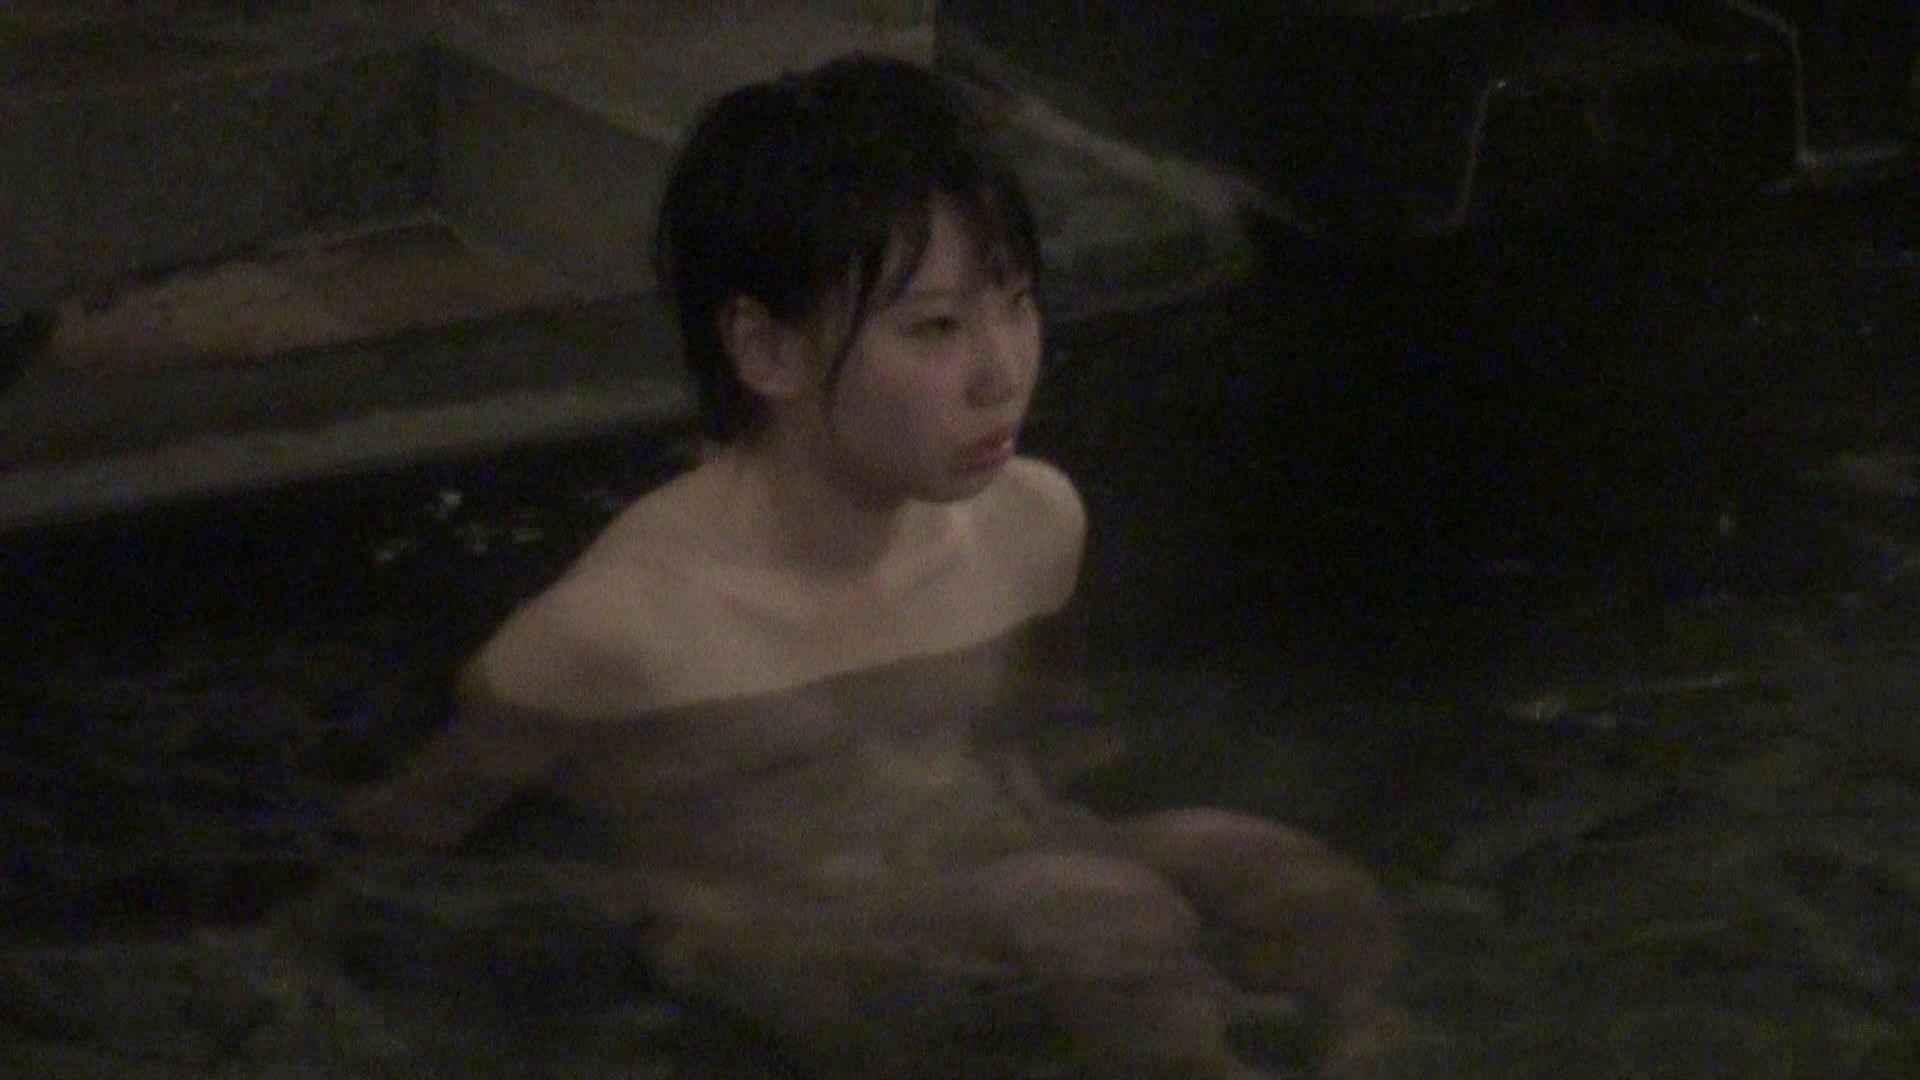 Aquaな露天風呂Vol.323 露天 | 盗撮特集  86画像 4